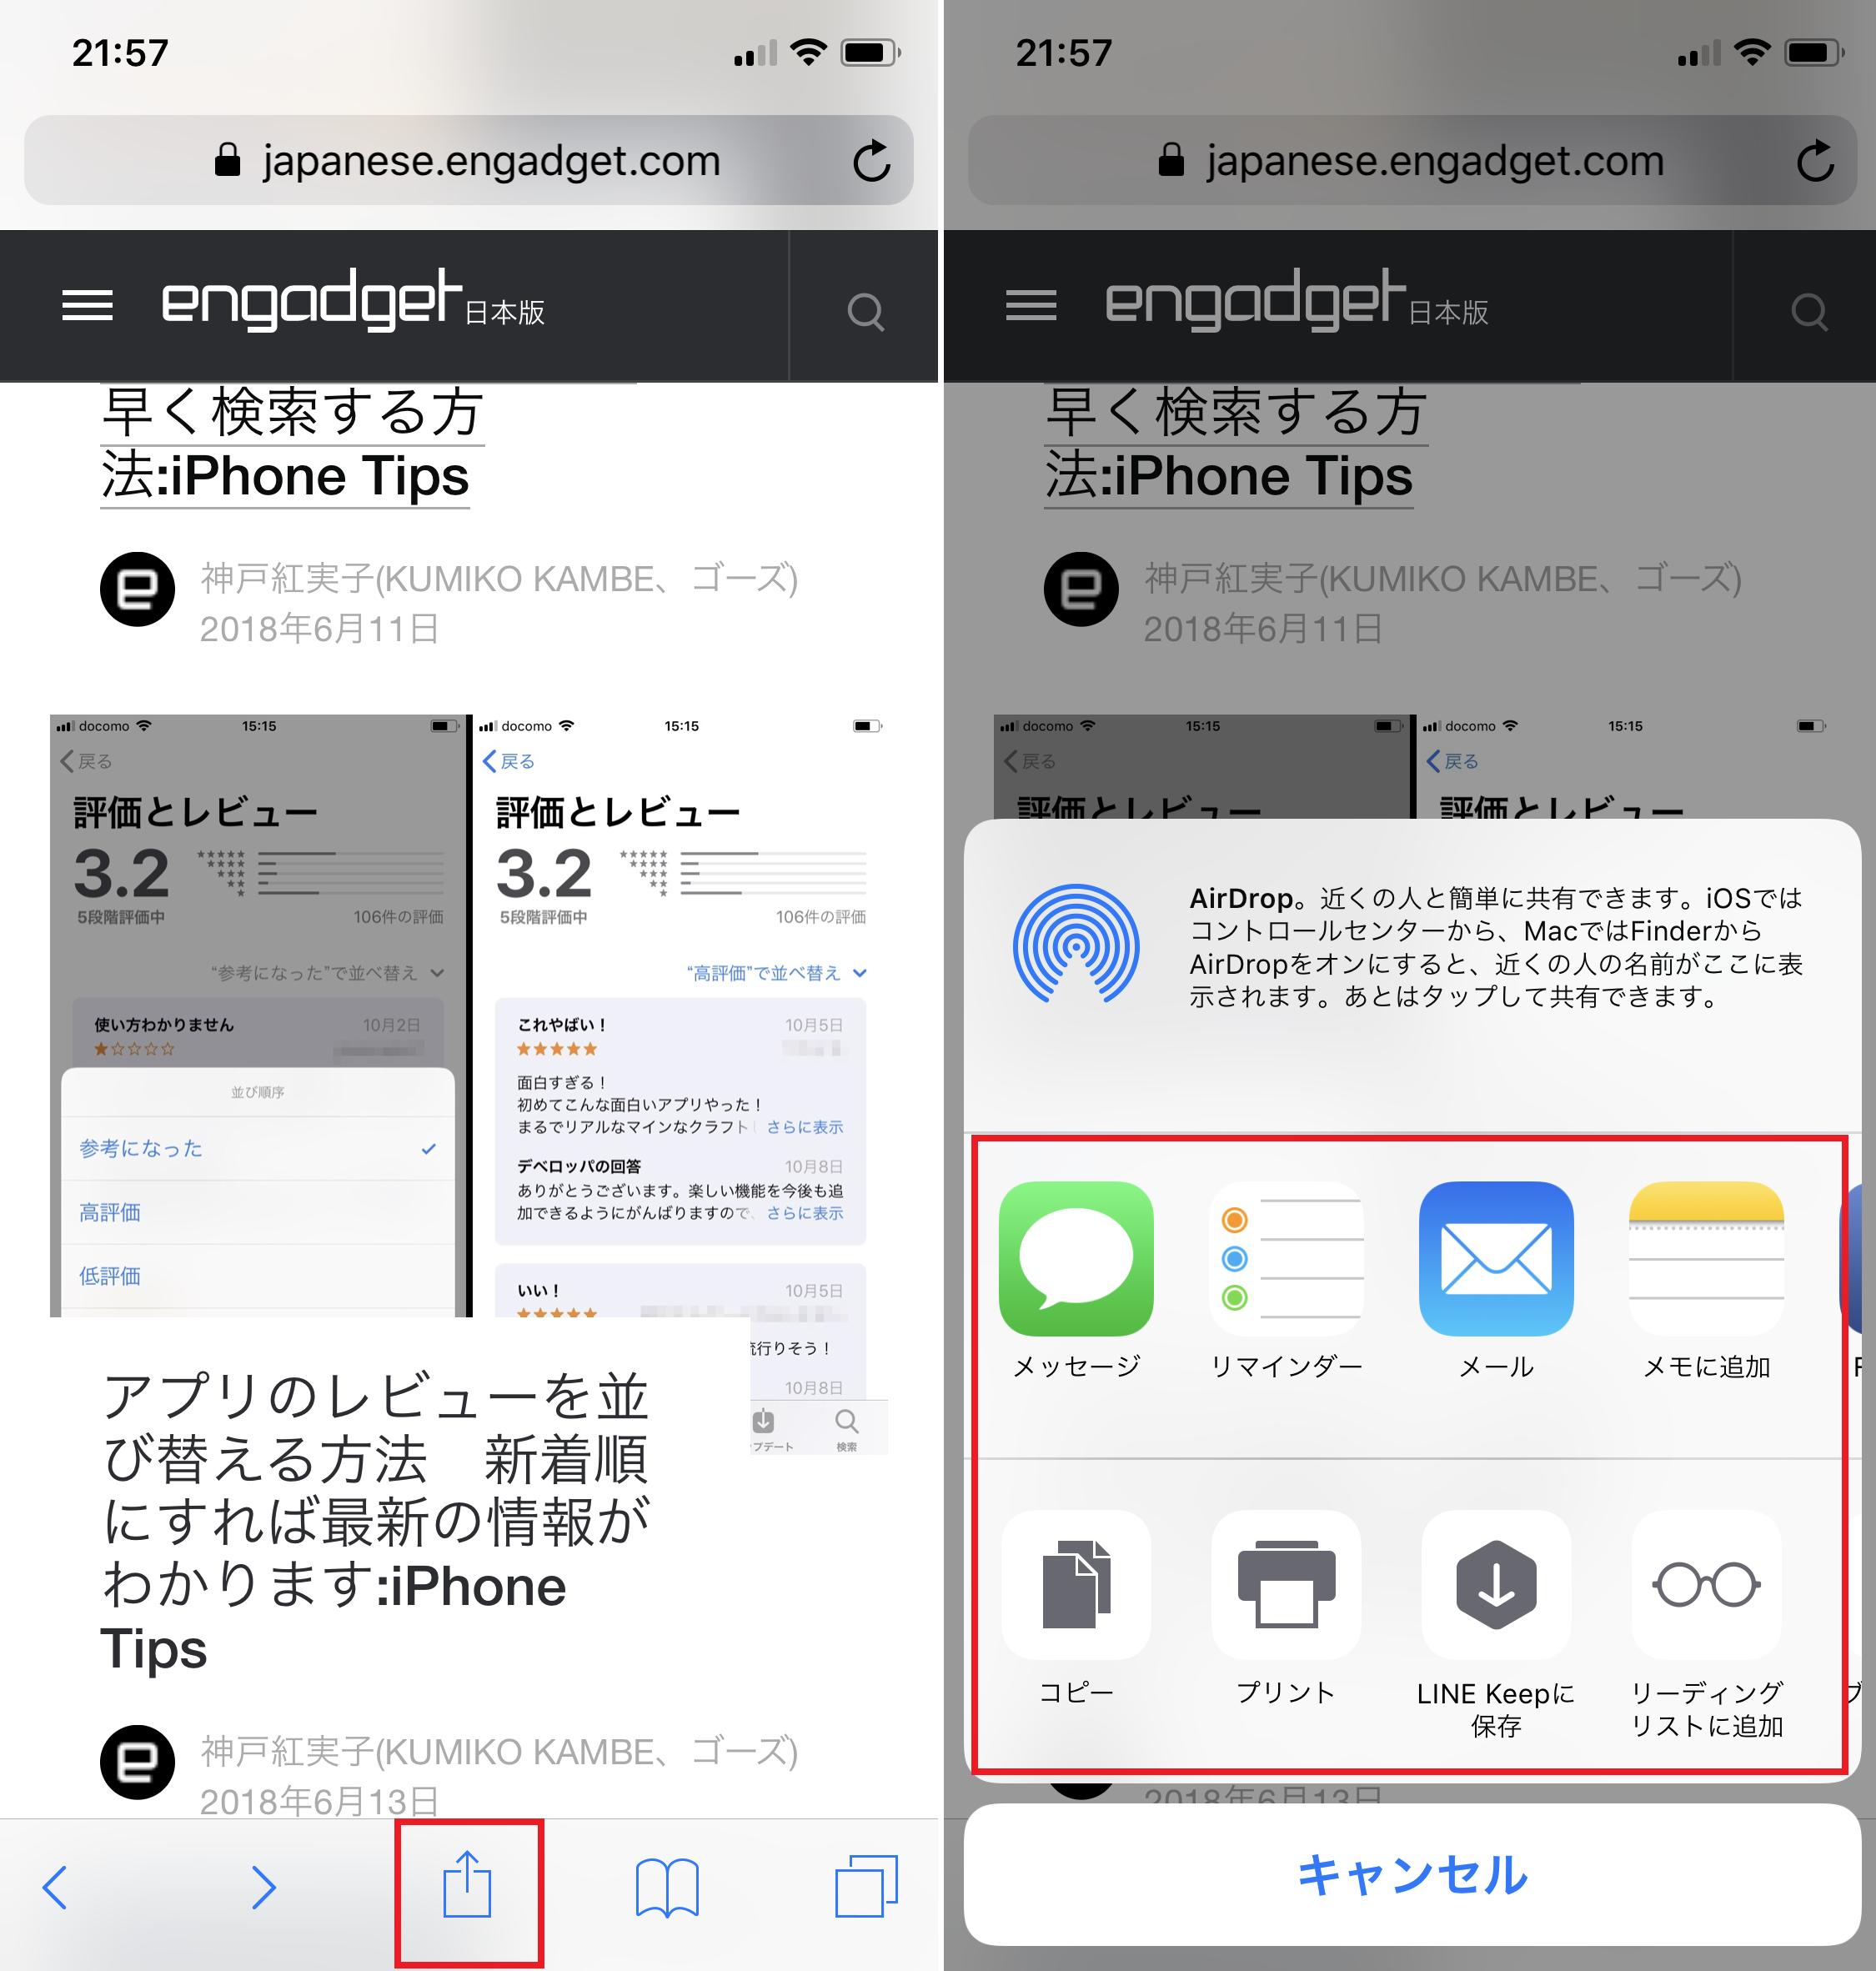 iPhone純正アプリは「共有」メニューで10倍便利に。よく使う機能